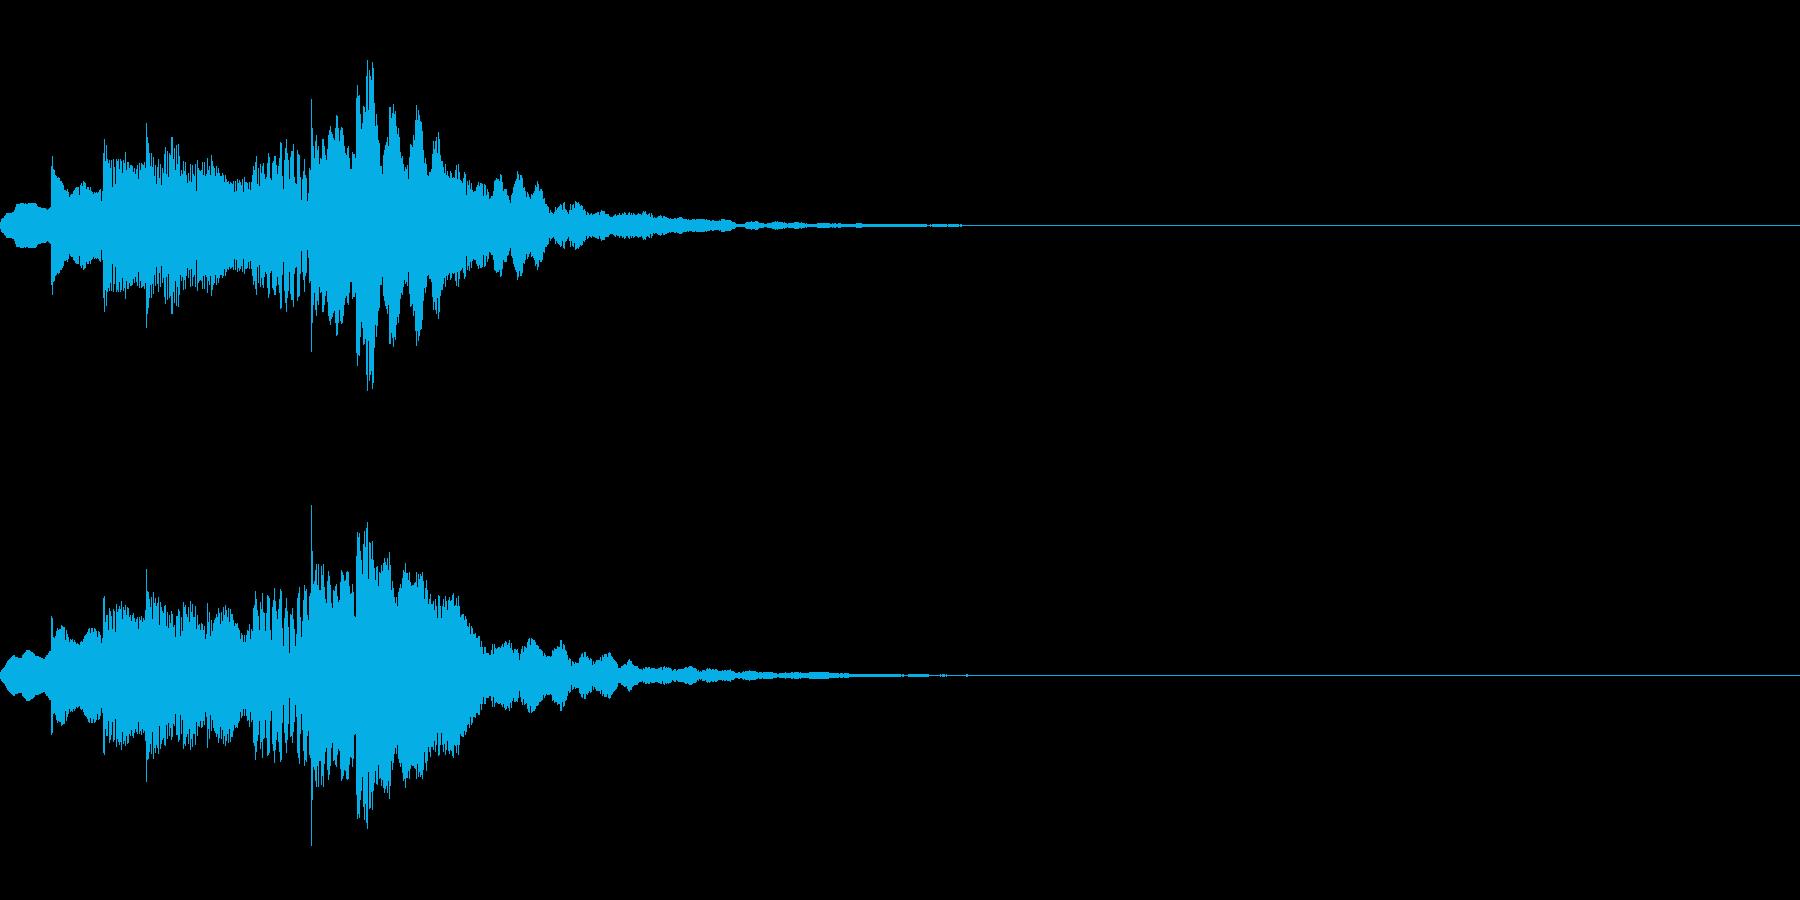 注意喚起を促す効果音・メジャー系の再生済みの波形